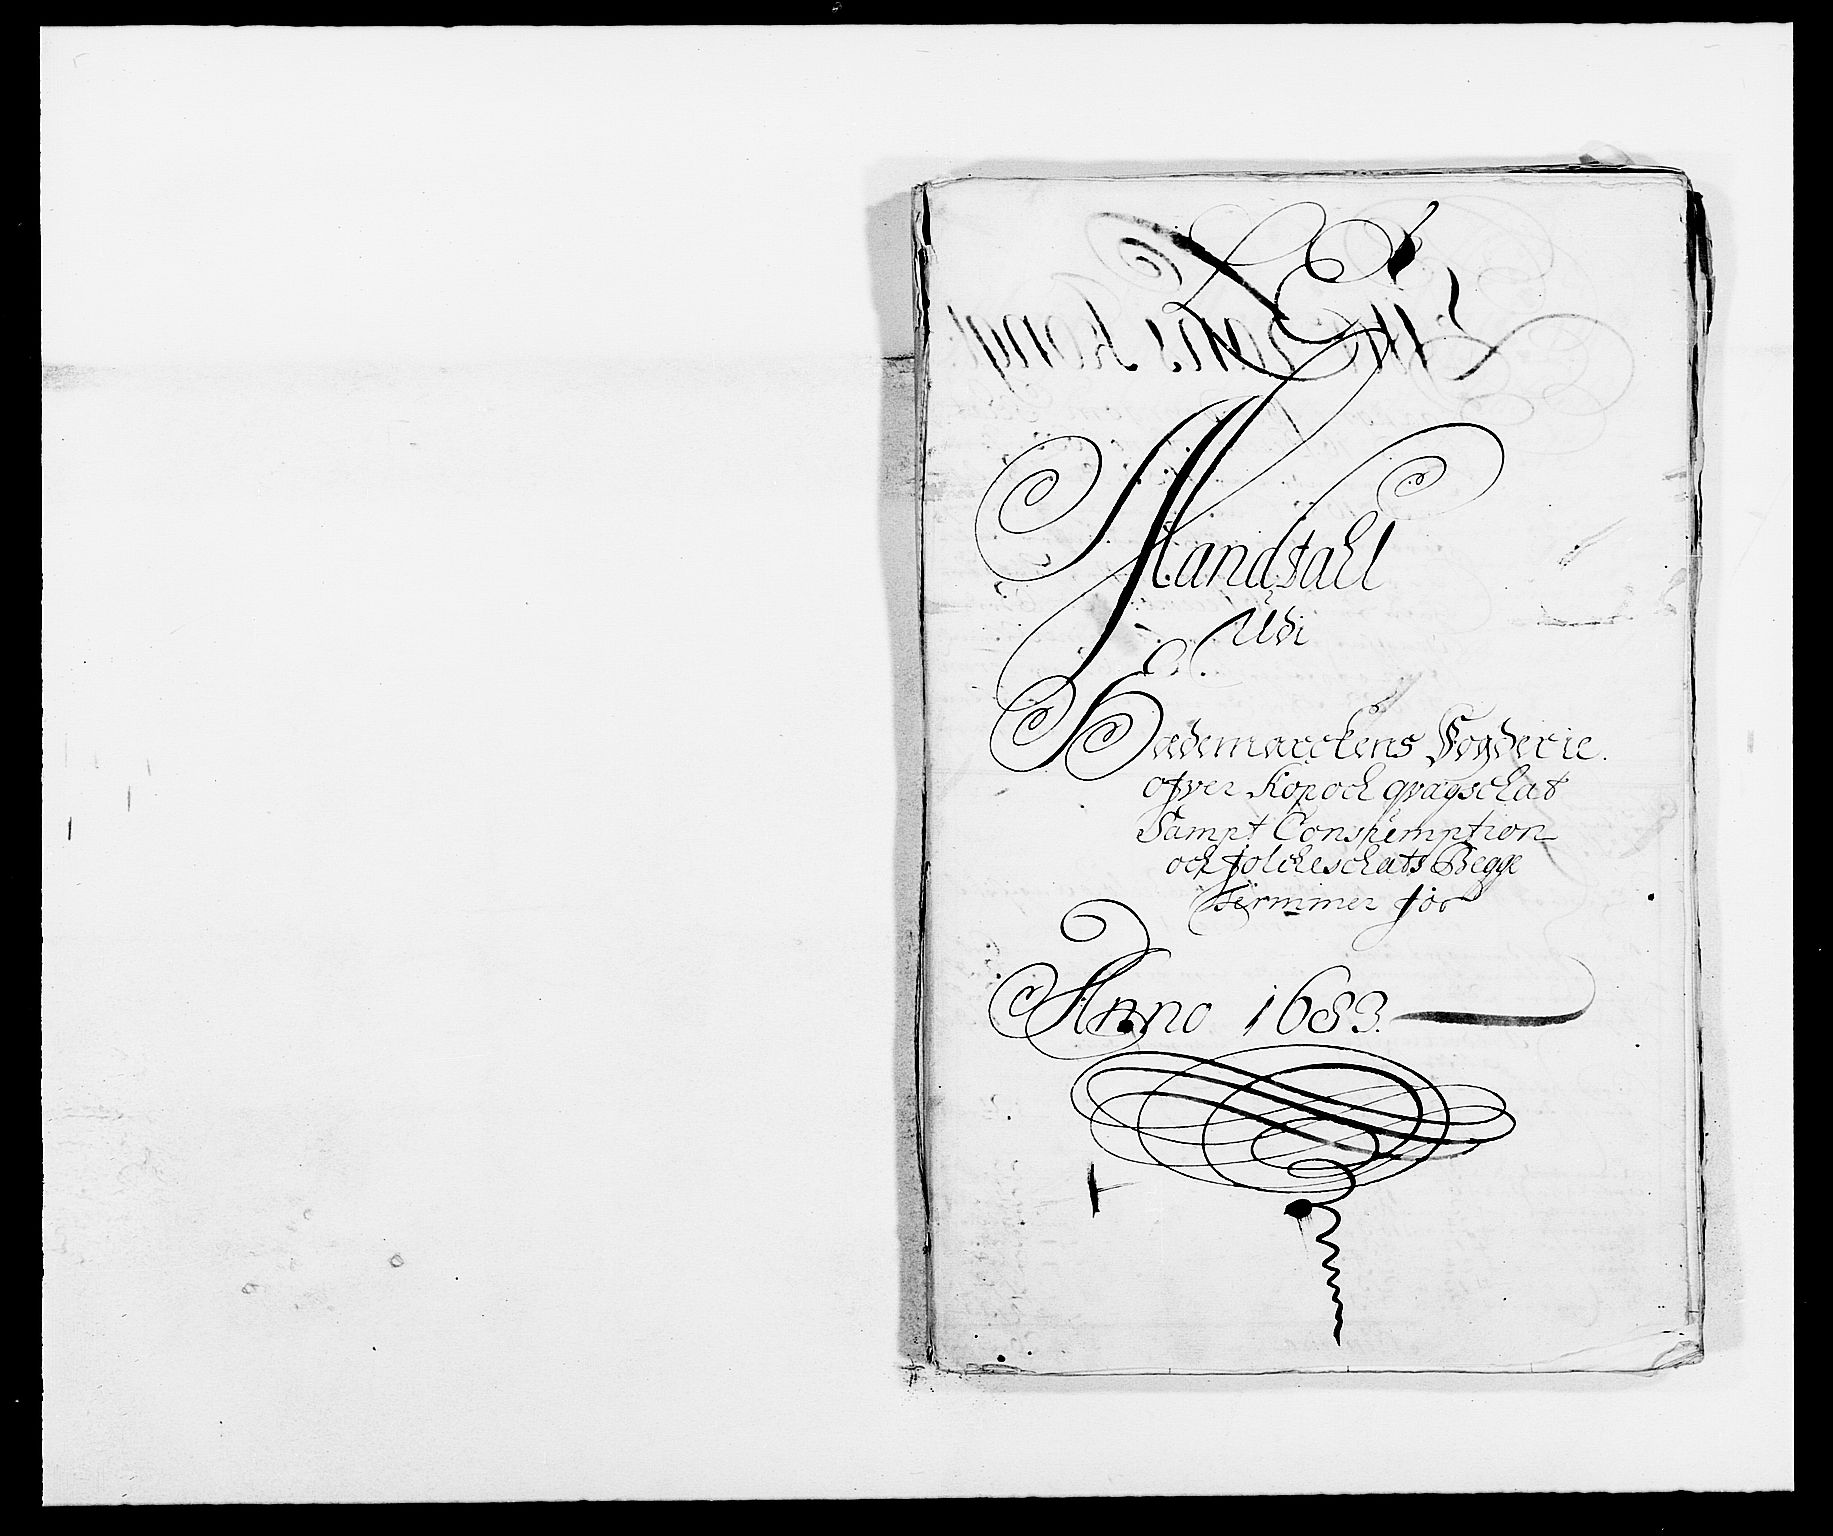 RA, Rentekammeret inntil 1814, Reviderte regnskaper, Fogderegnskap, R16/L1024: Fogderegnskap Hedmark, 1683, s. 189